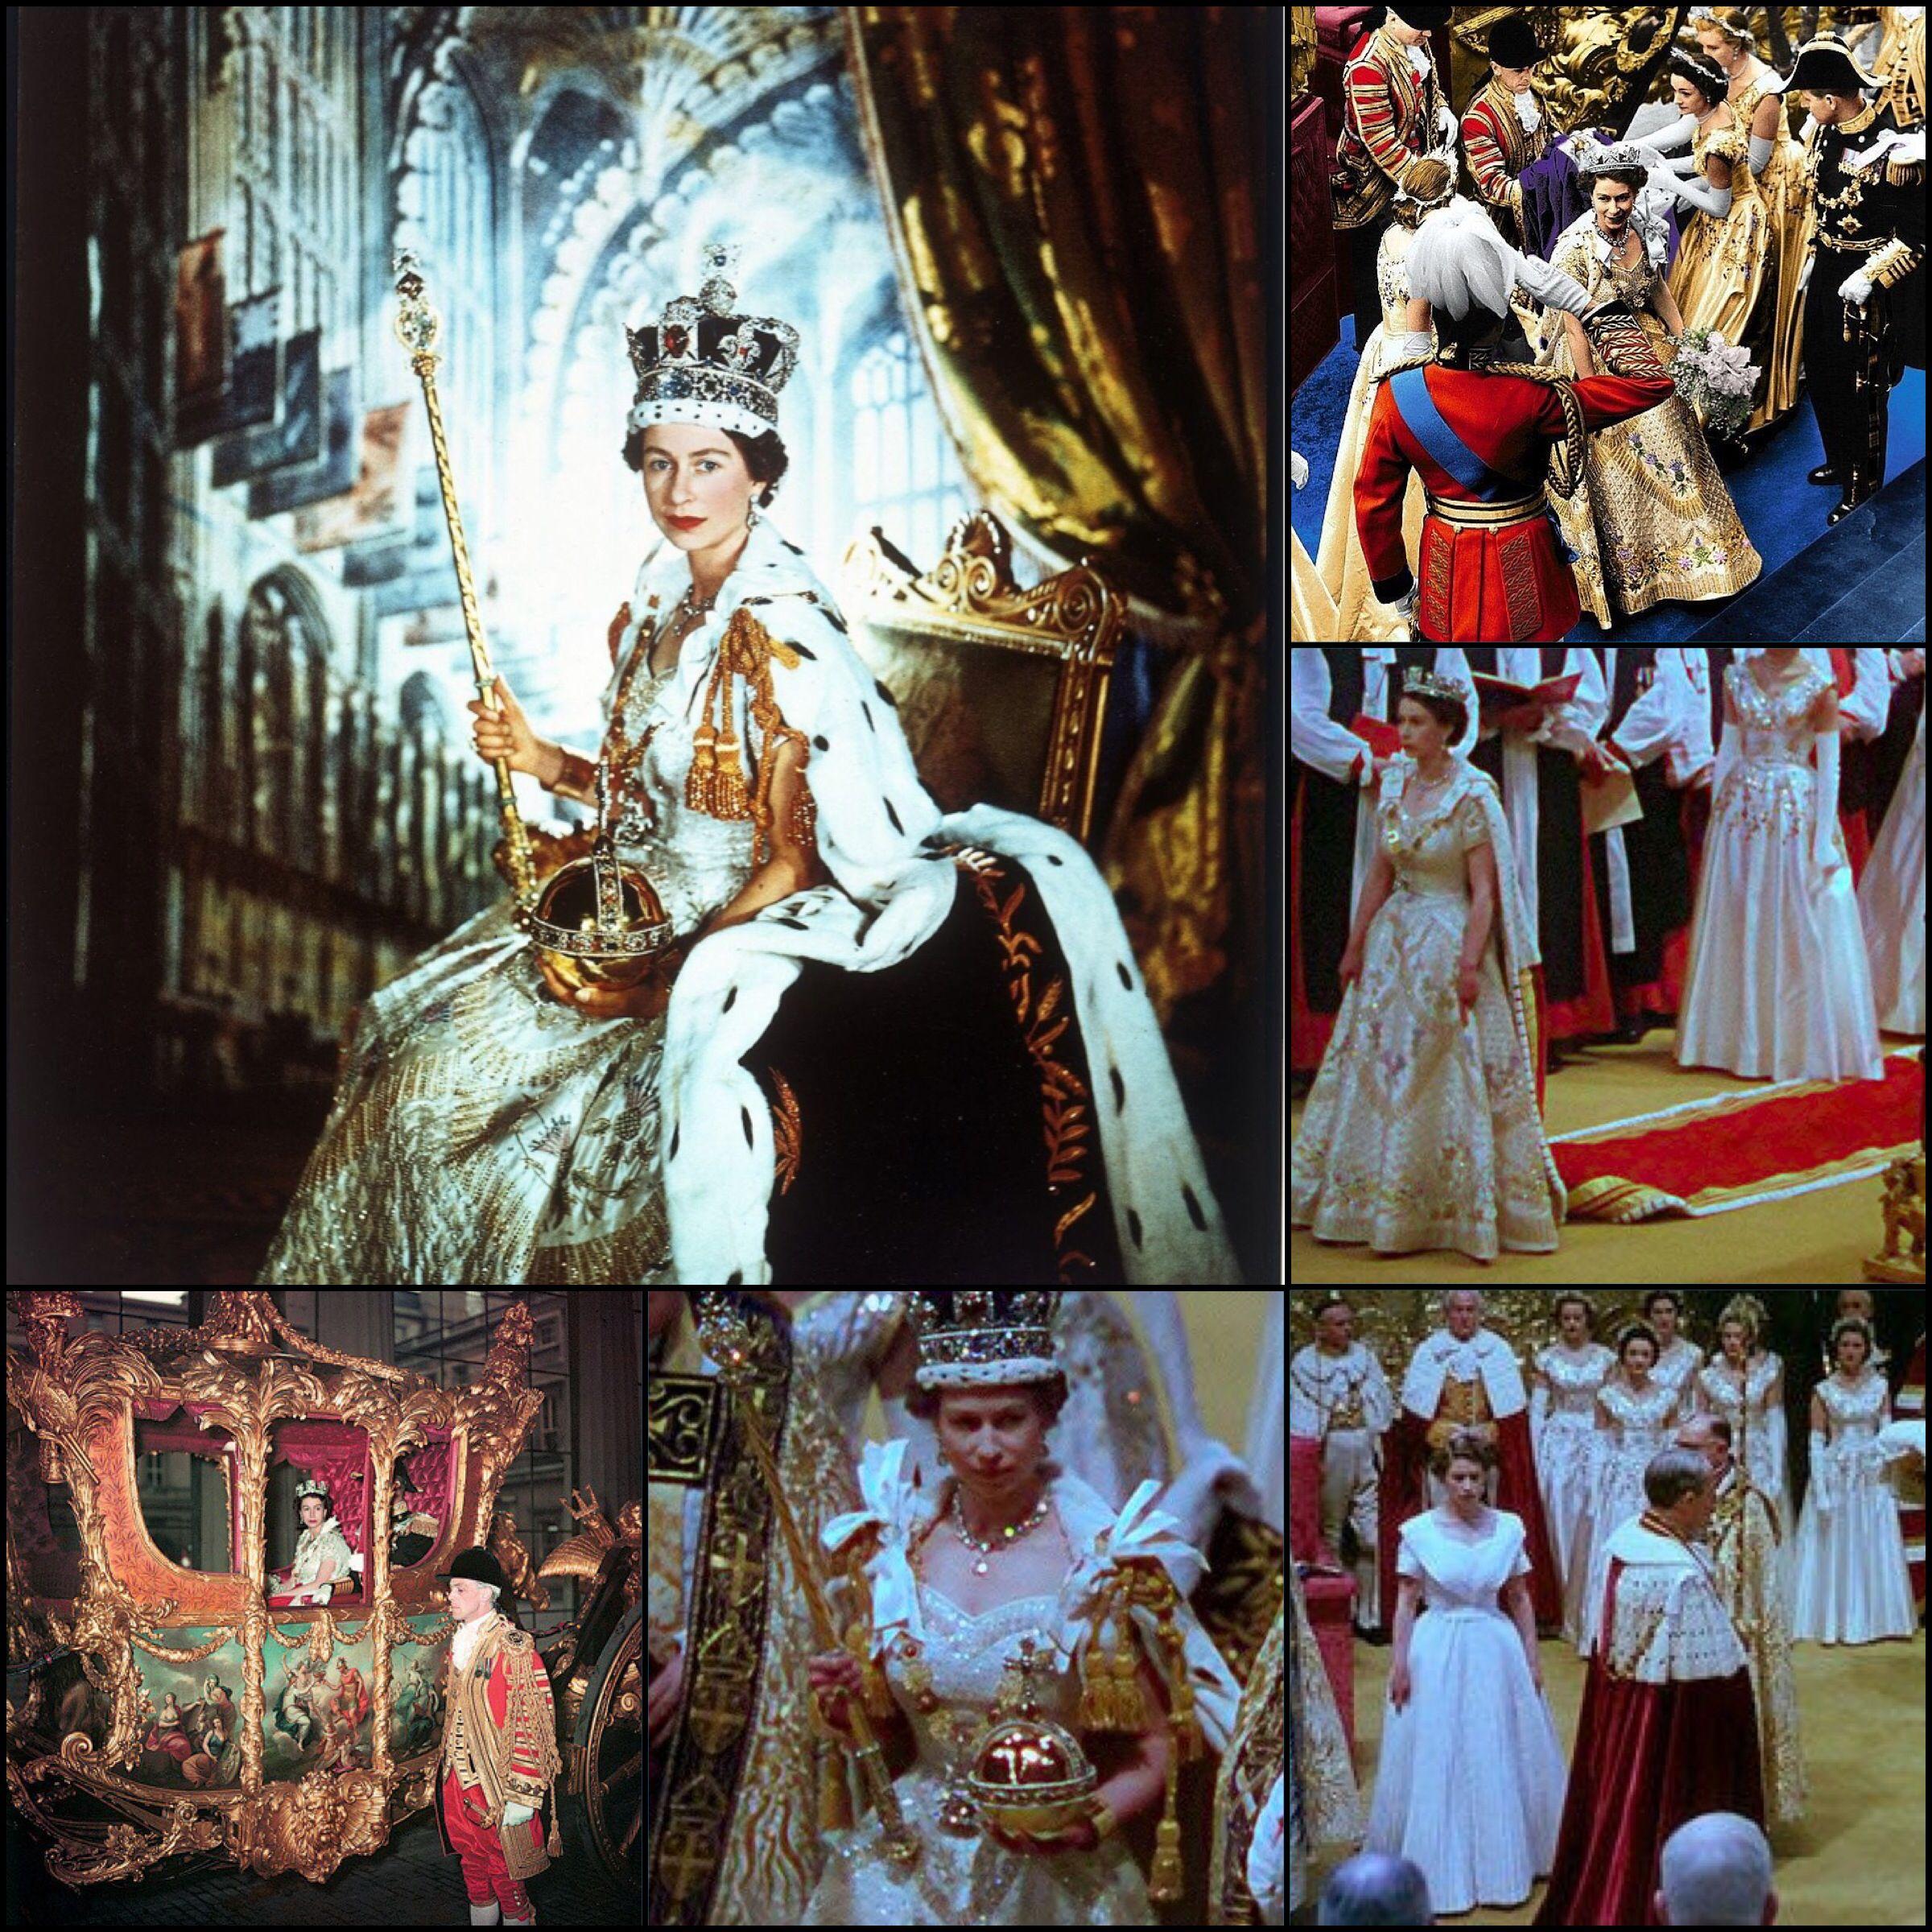 June 2, 1953 The coronation of Queen Elizabeth II as